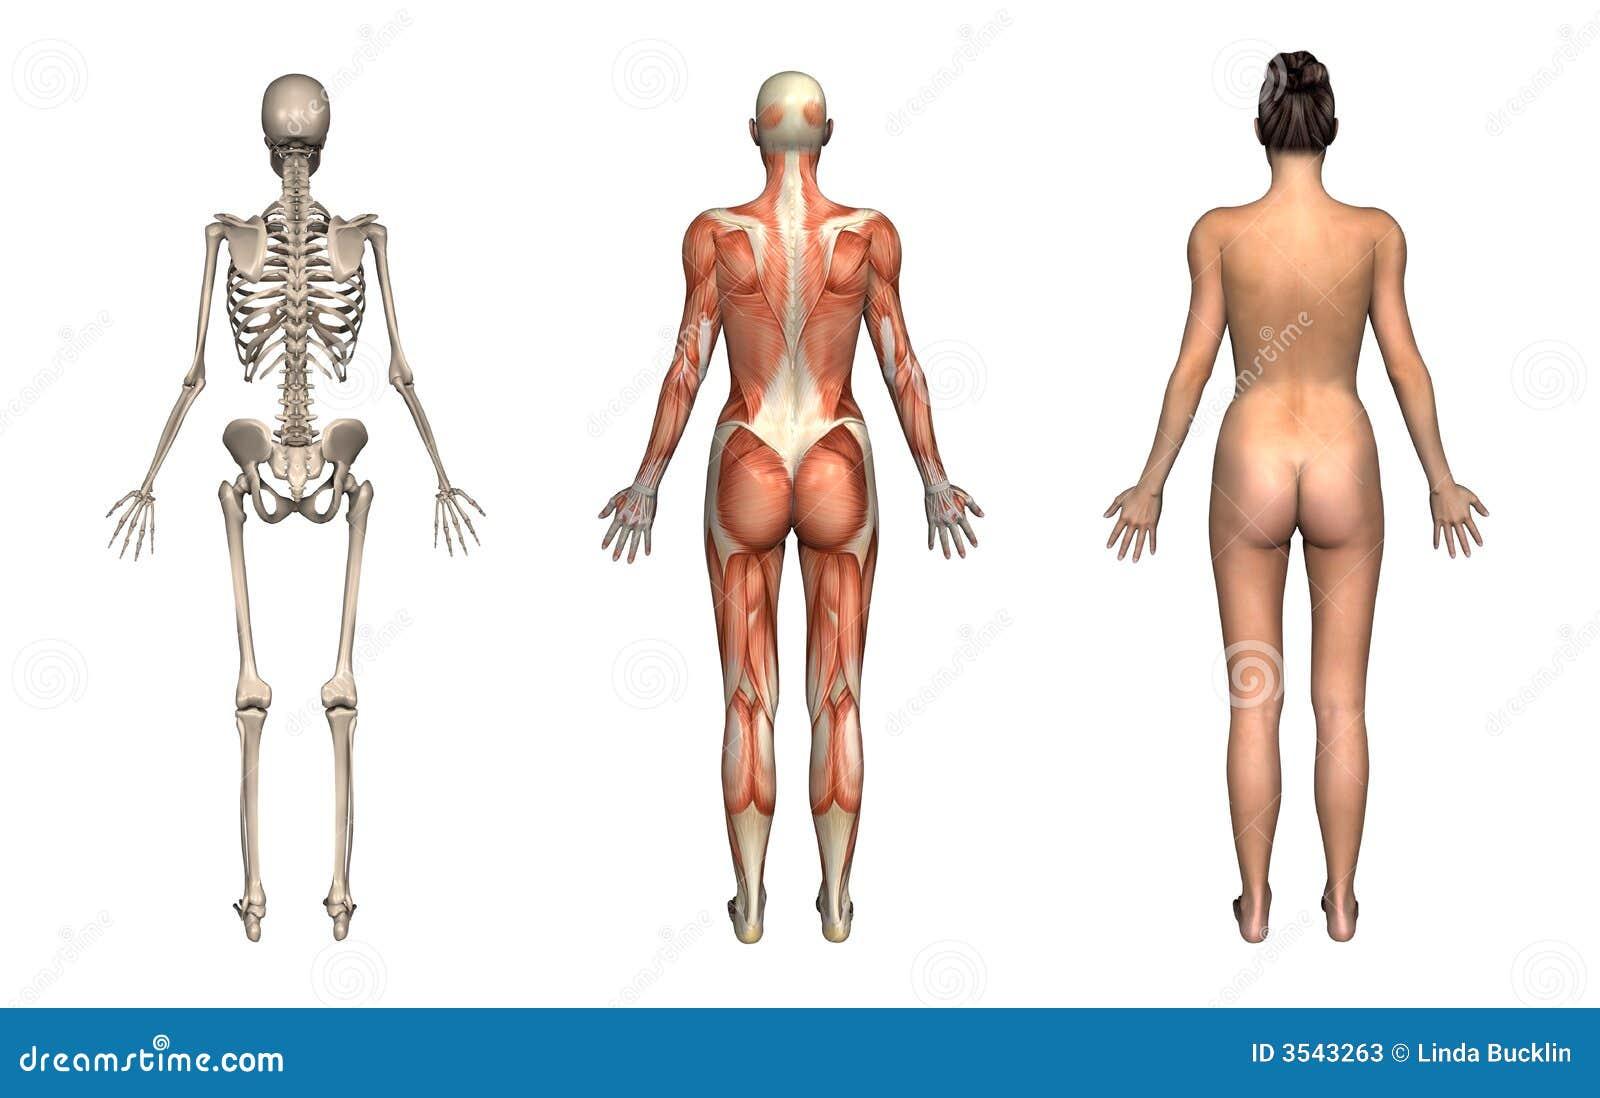 Niedlich Bild Der Körperanatomie Weiblich Zeitgenössisch ...